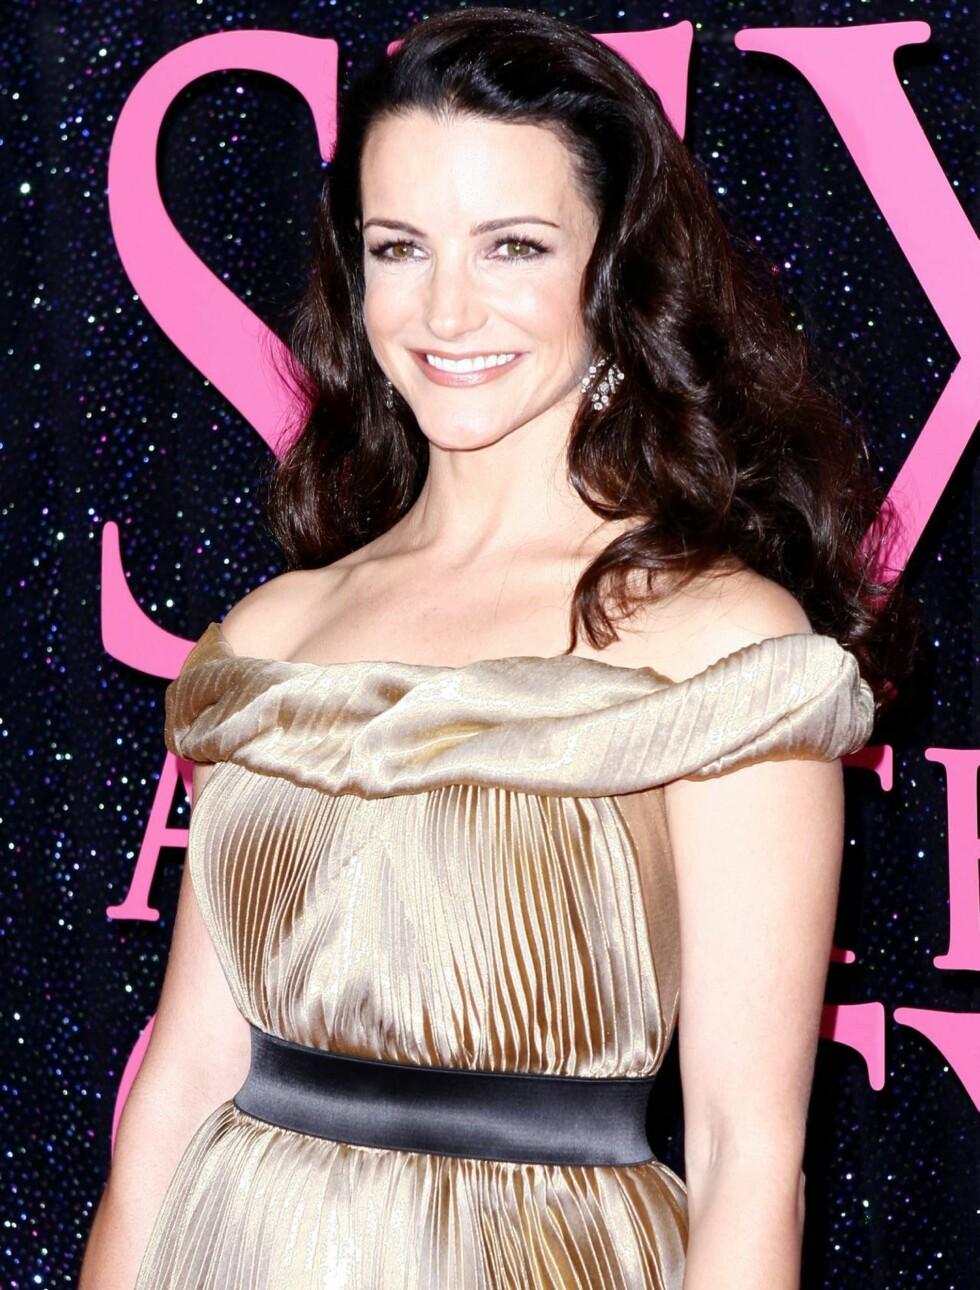 STRÅLTE: Også Kristen Davis, som spiller Charlotte, strålte under premieren.  Foto: All Over Press